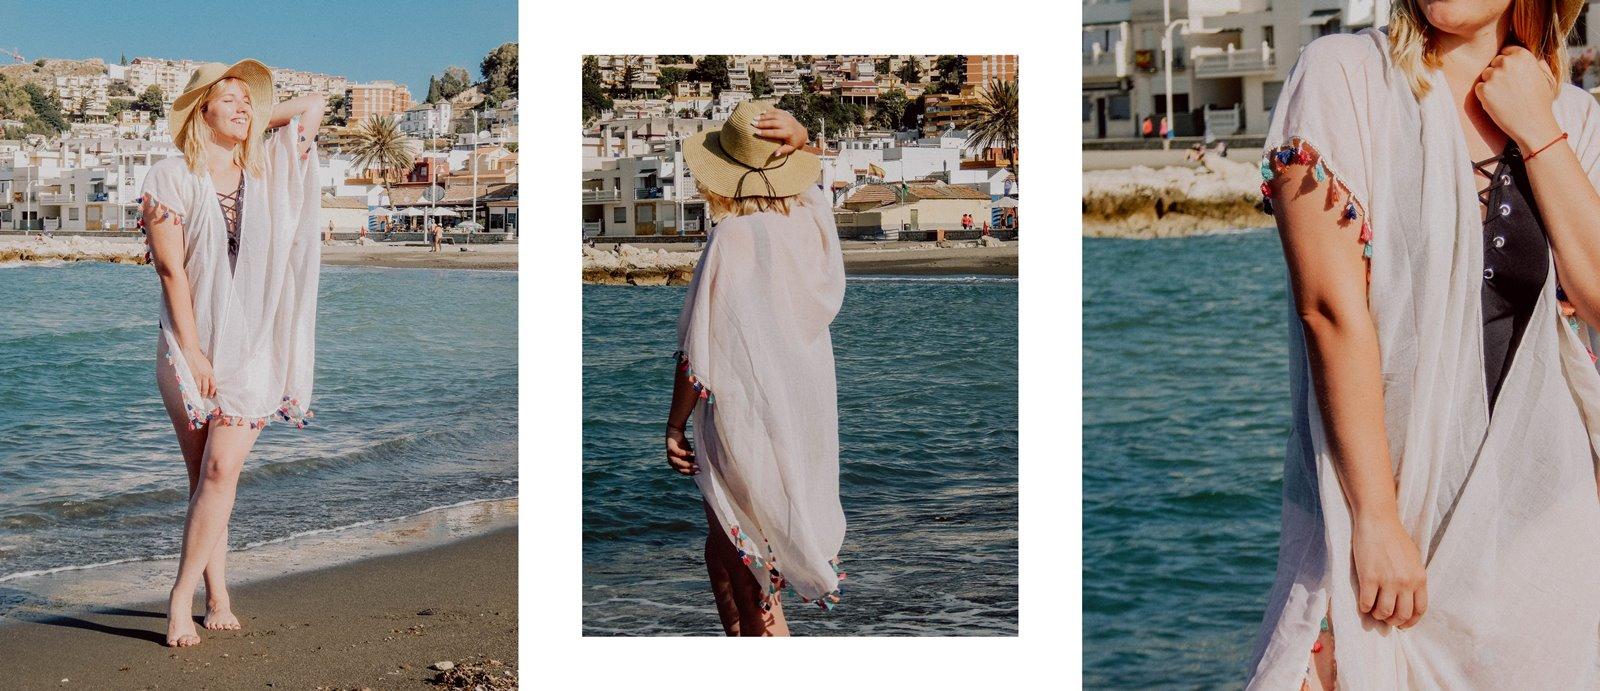 6A szaleo wakacje w maladze malaga jak spędzić wakacje co zobaczyć stylizacja na plaże pareo składany kapelusz słomkowy modne dodatki na wakacje na plażę z frędzlami z pomponami hiszpania polski kraj język ceny outfit